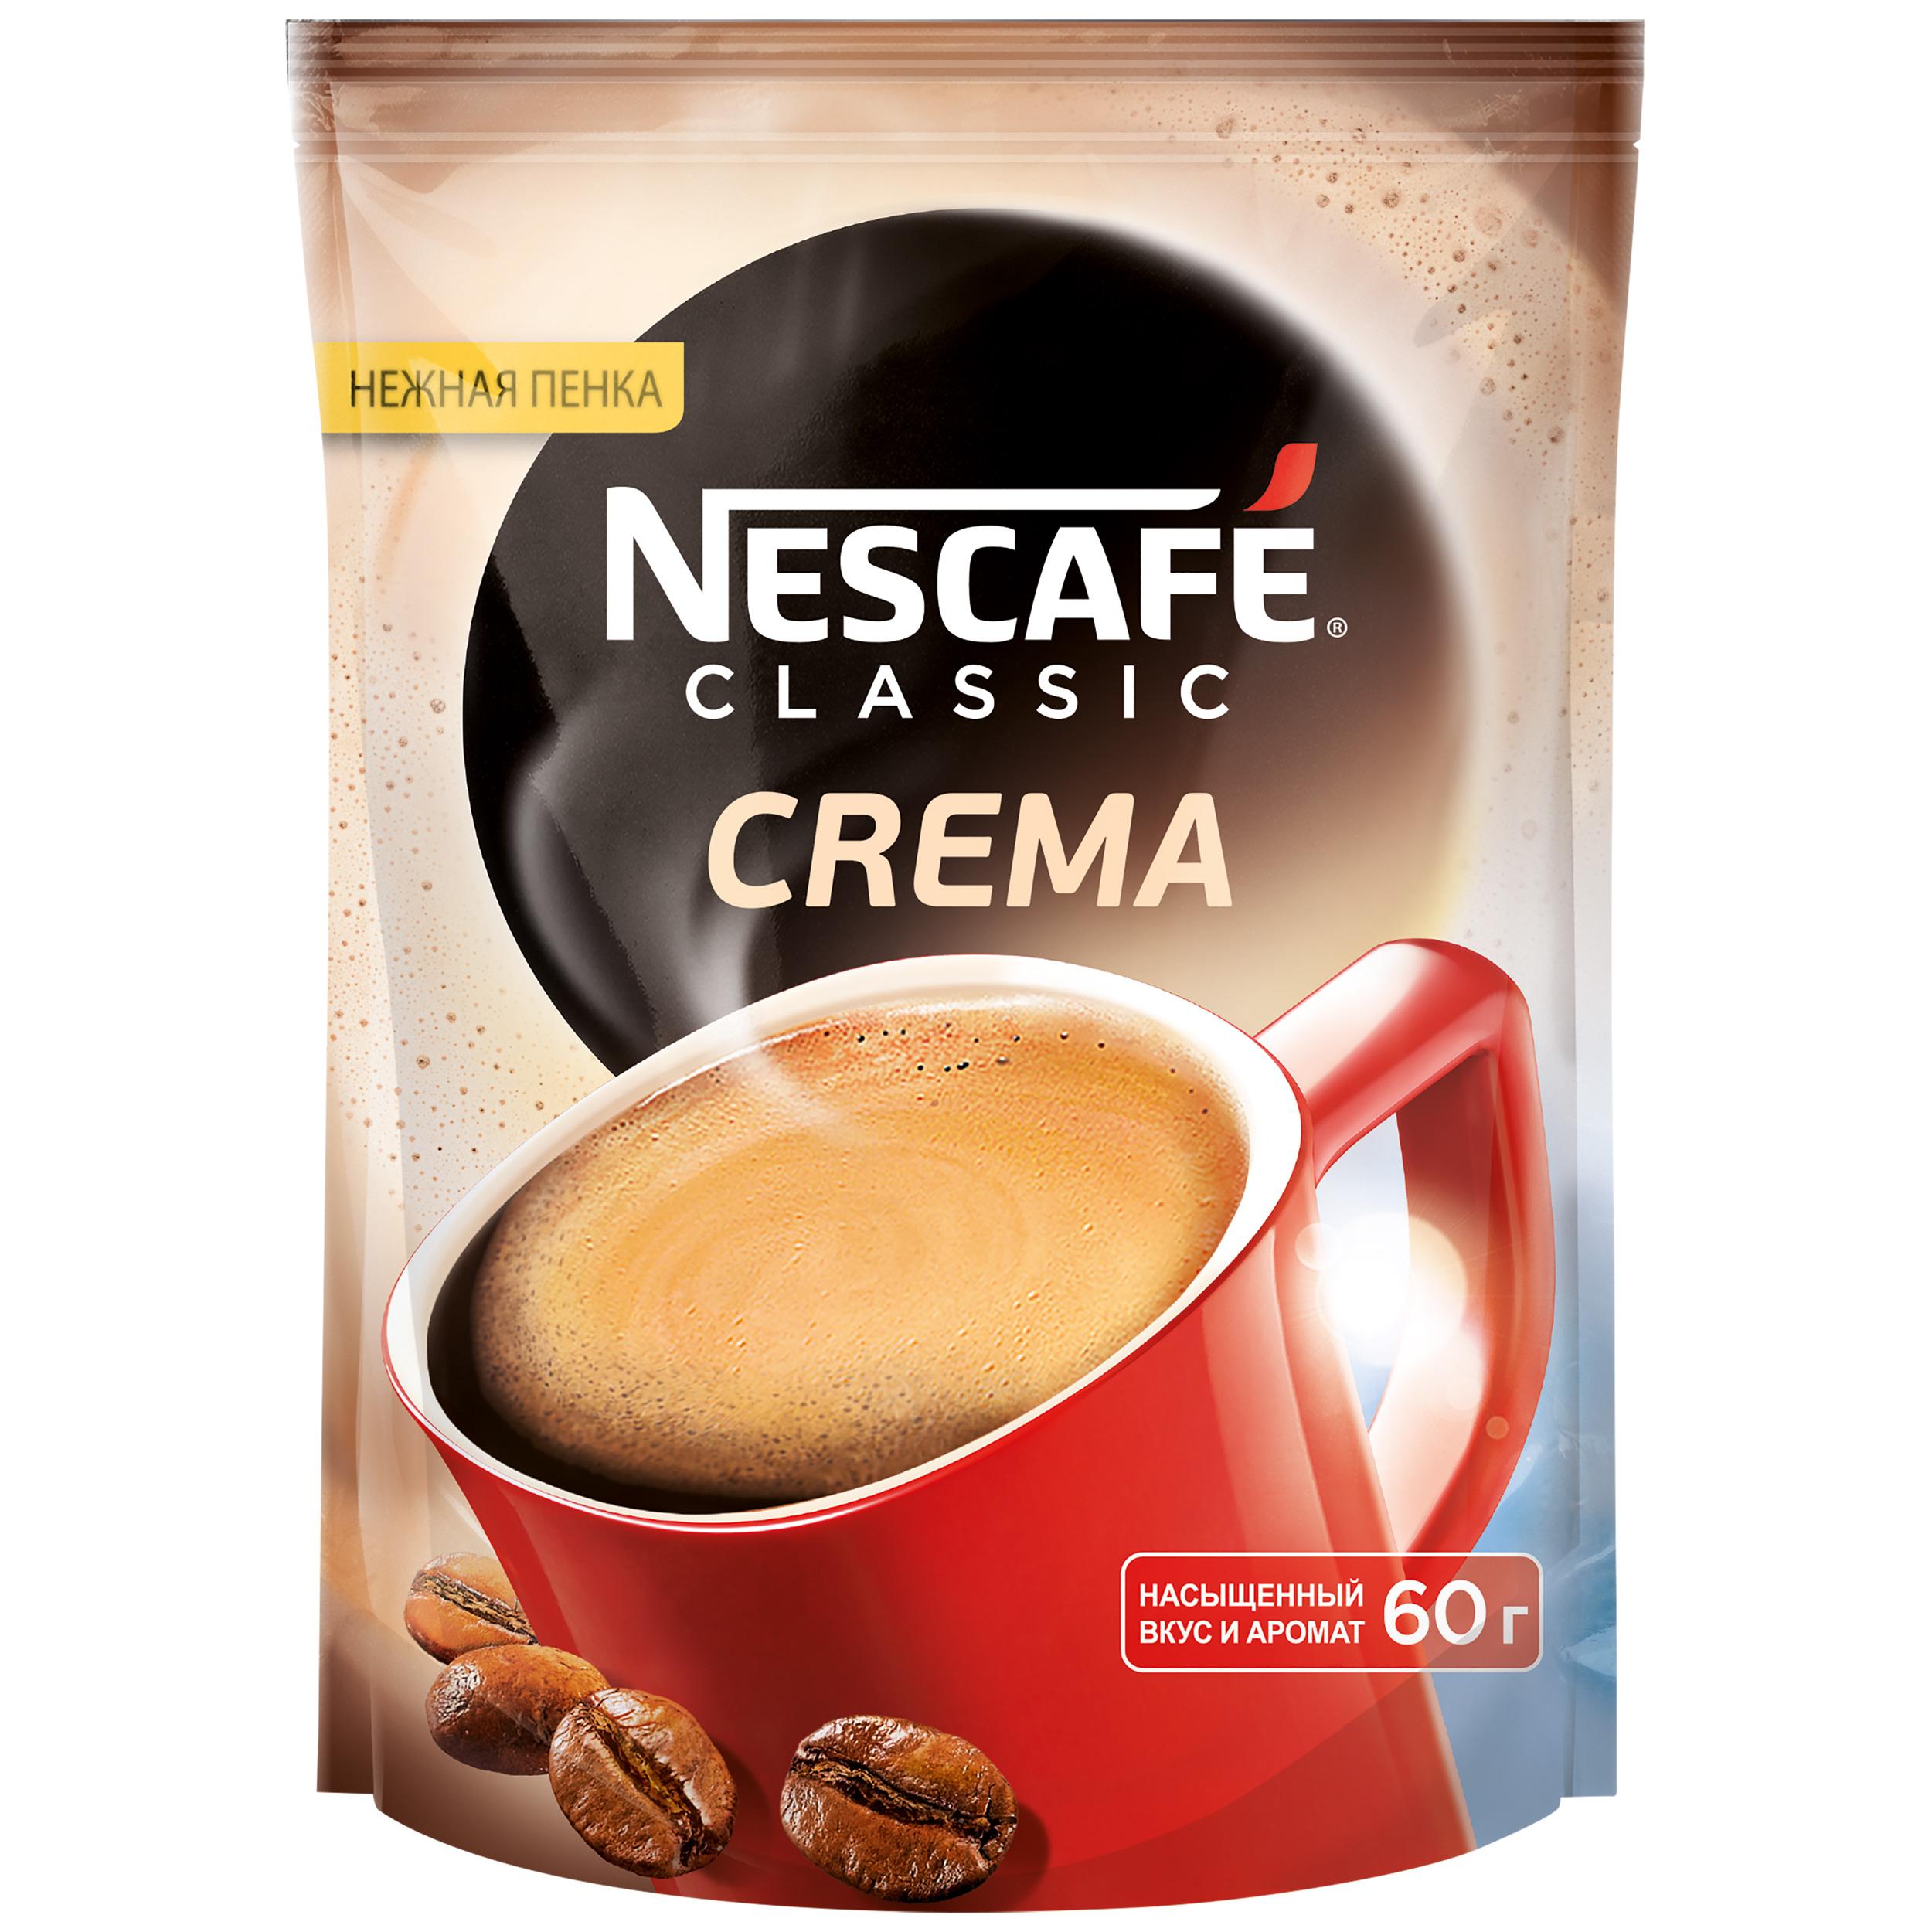 Кофе растворимый Nescafe classic crema порошкообразный 60 г фото